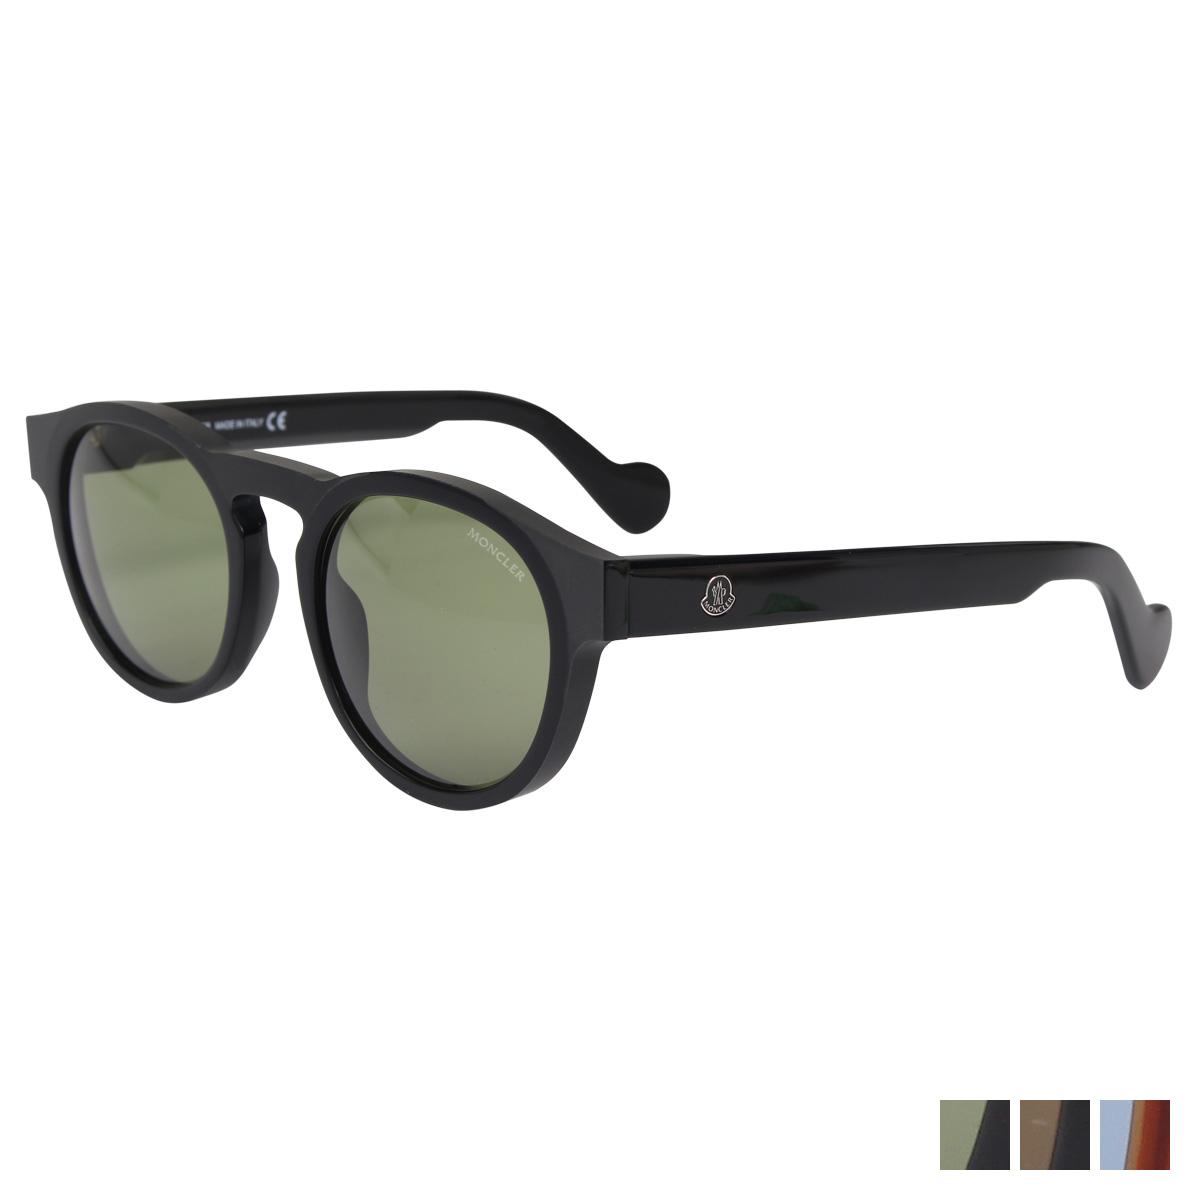 MONCLER SUNGLASSES モンクレール サングラス メンズ レディース UVカット ウェリントン ブラック ブラウン 黒 ML0099